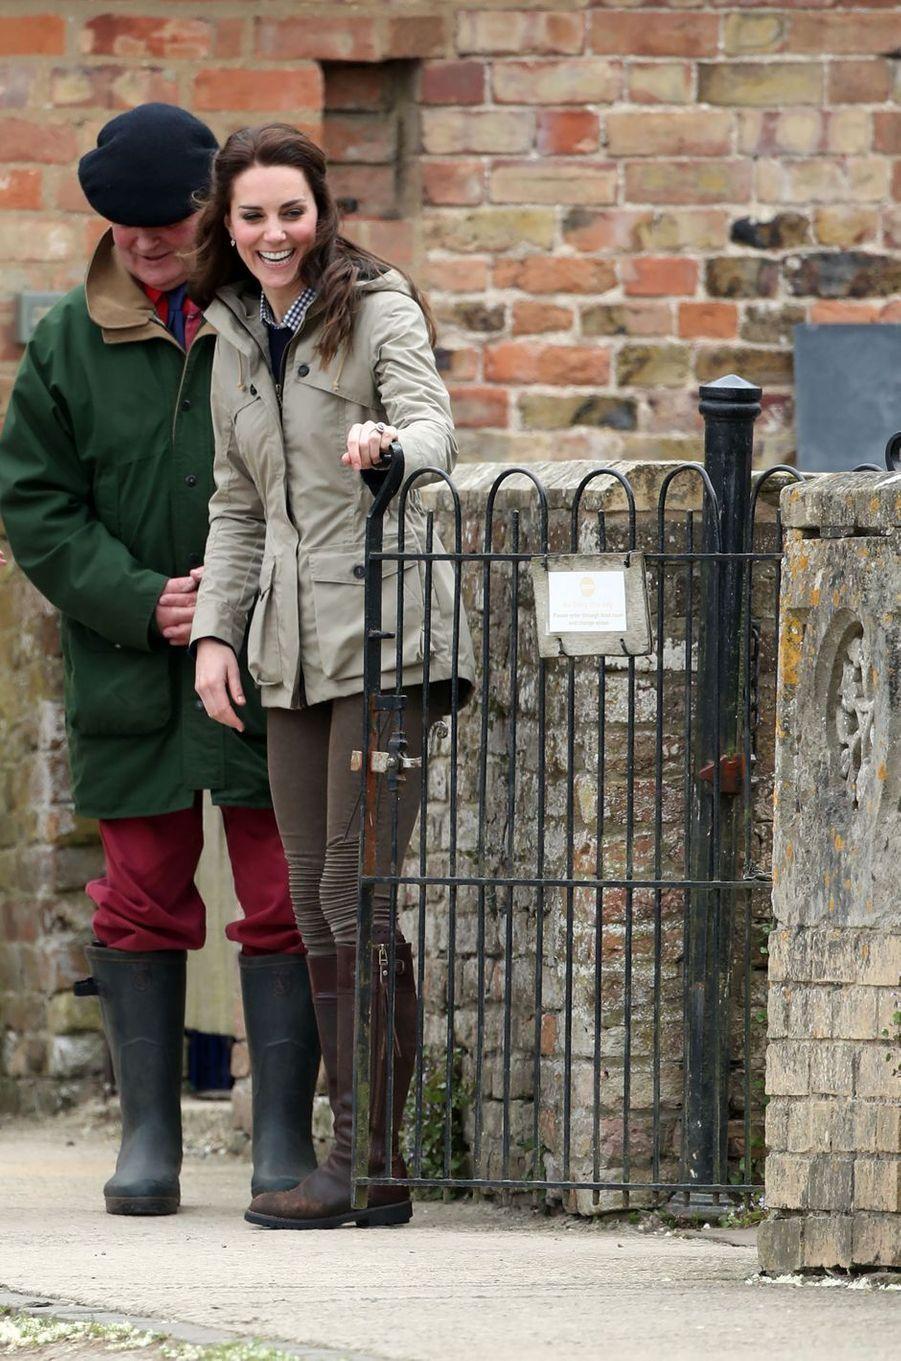 La duchesse de Cambridge, née Kate Middleton, à la ferme Wick Court à Arlingham, le 3 mai 2017